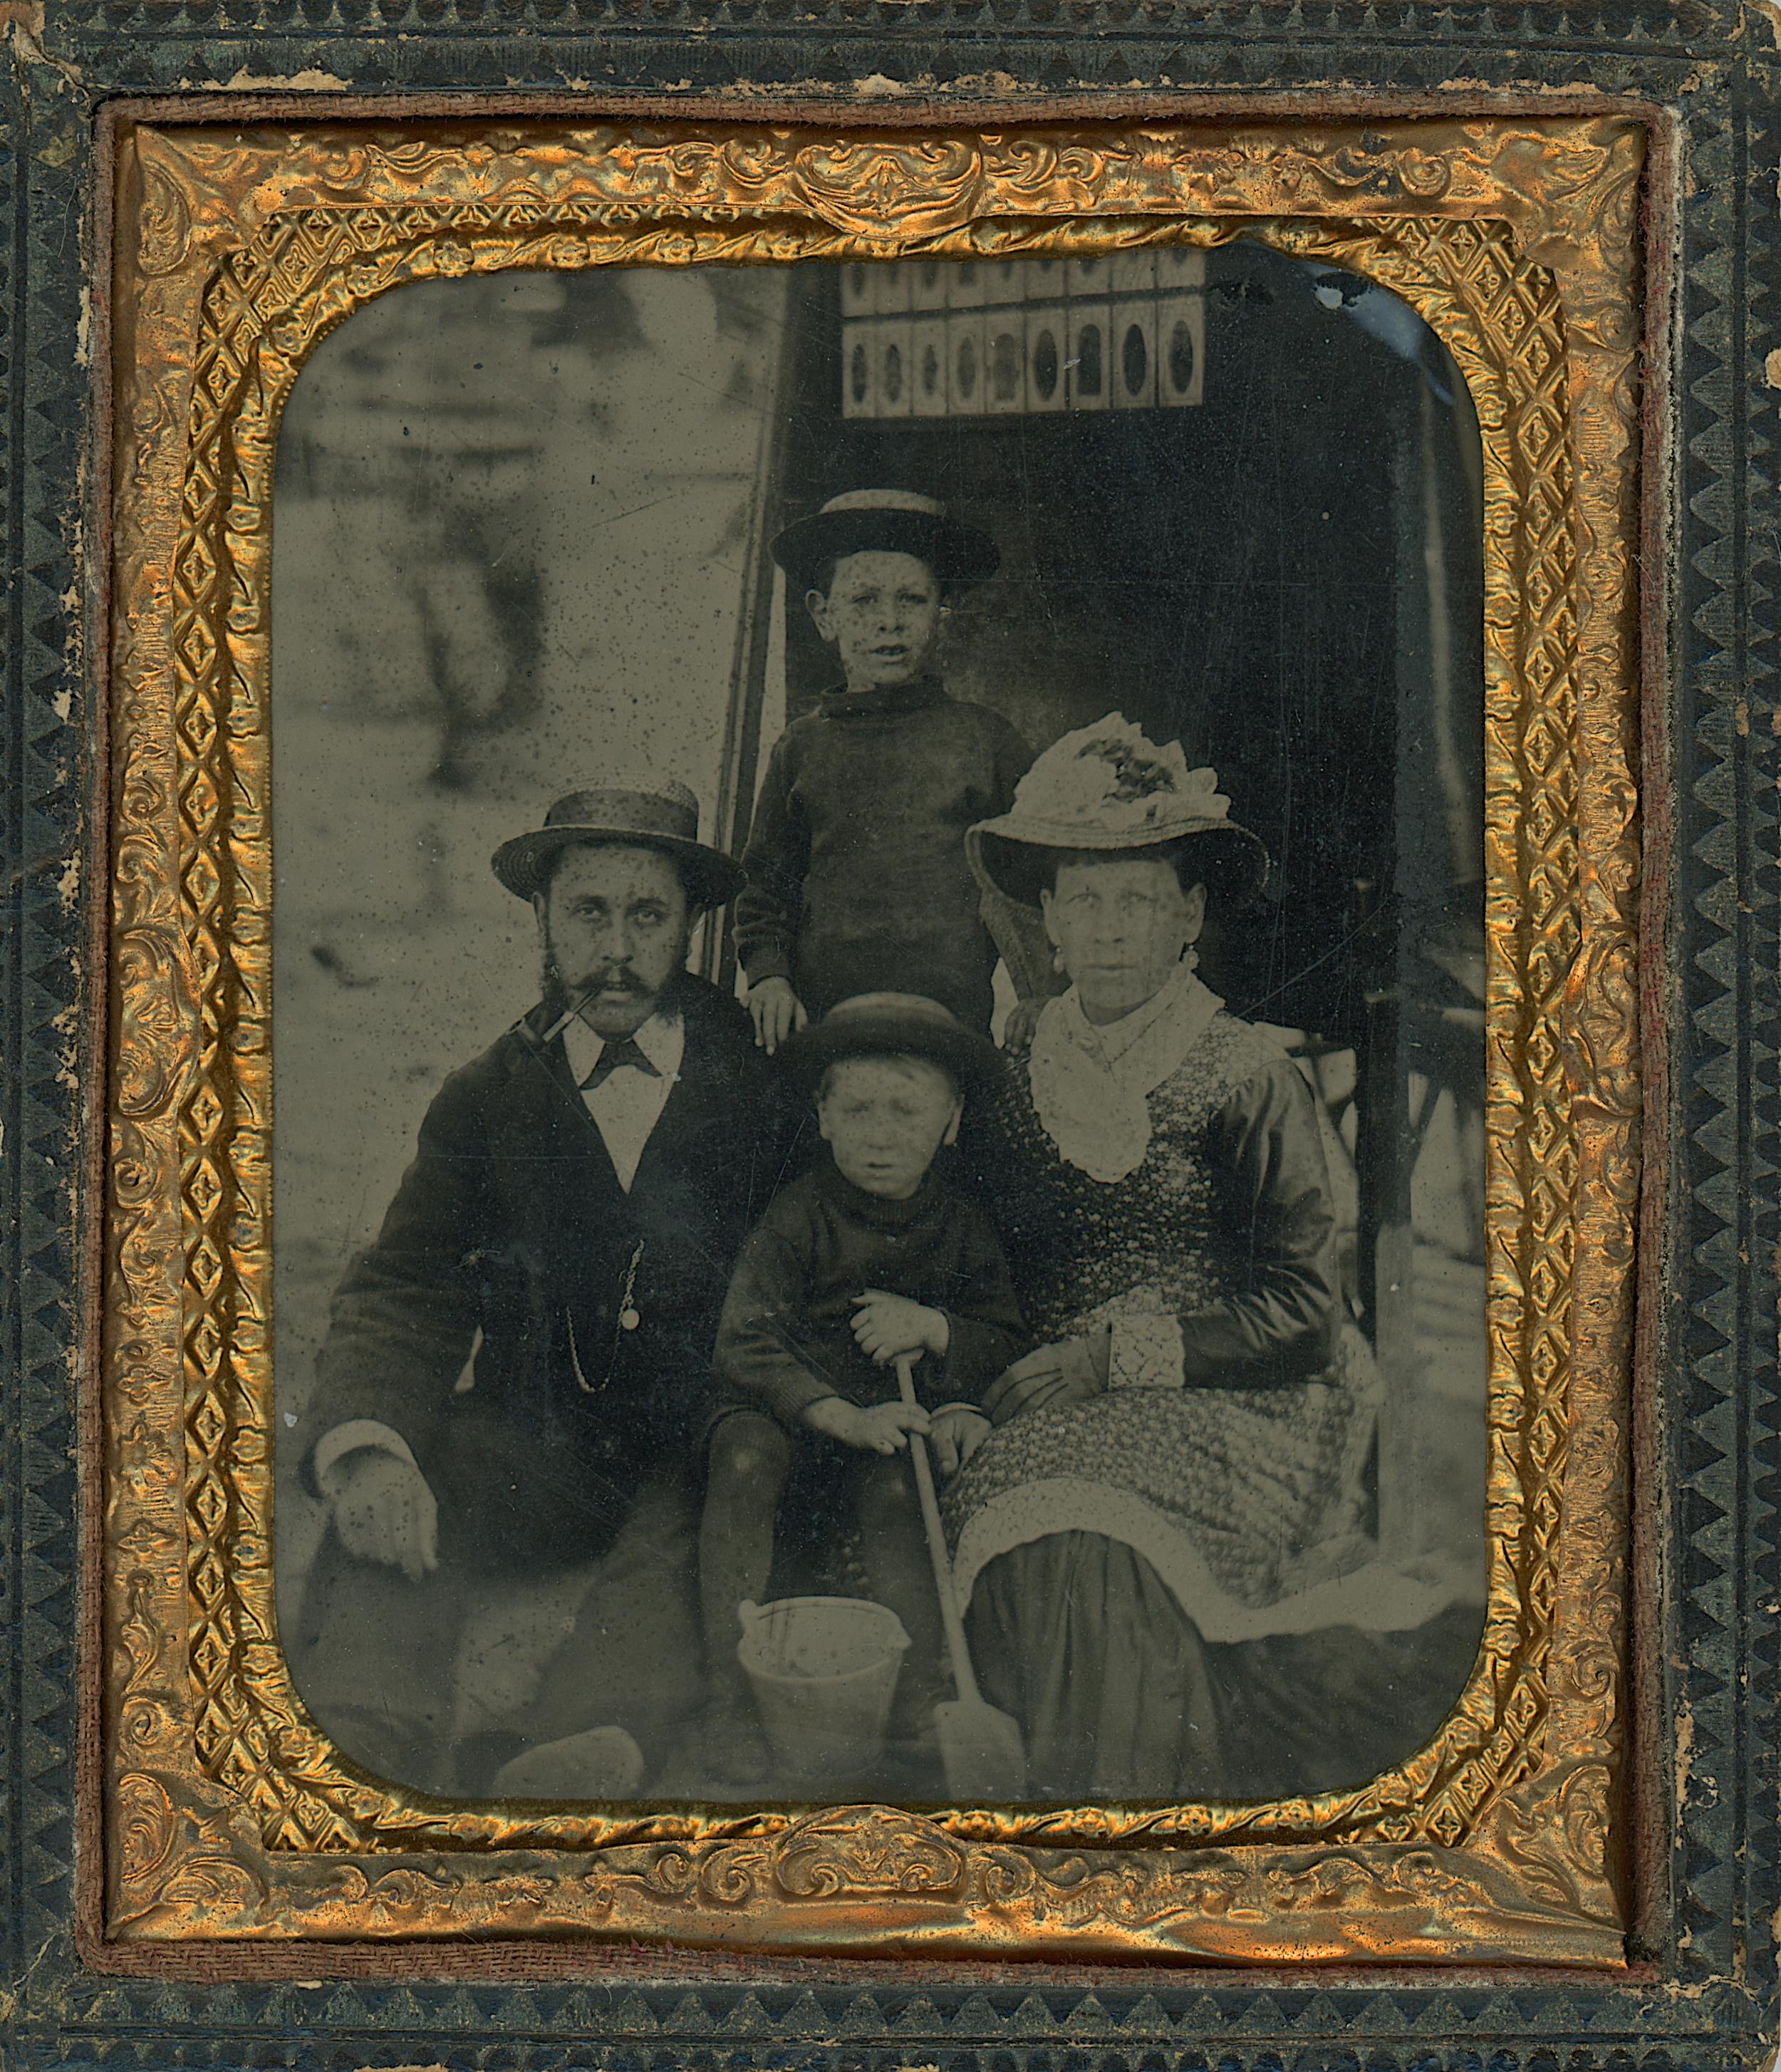 5_Family_&_Photocart_1T.jpg